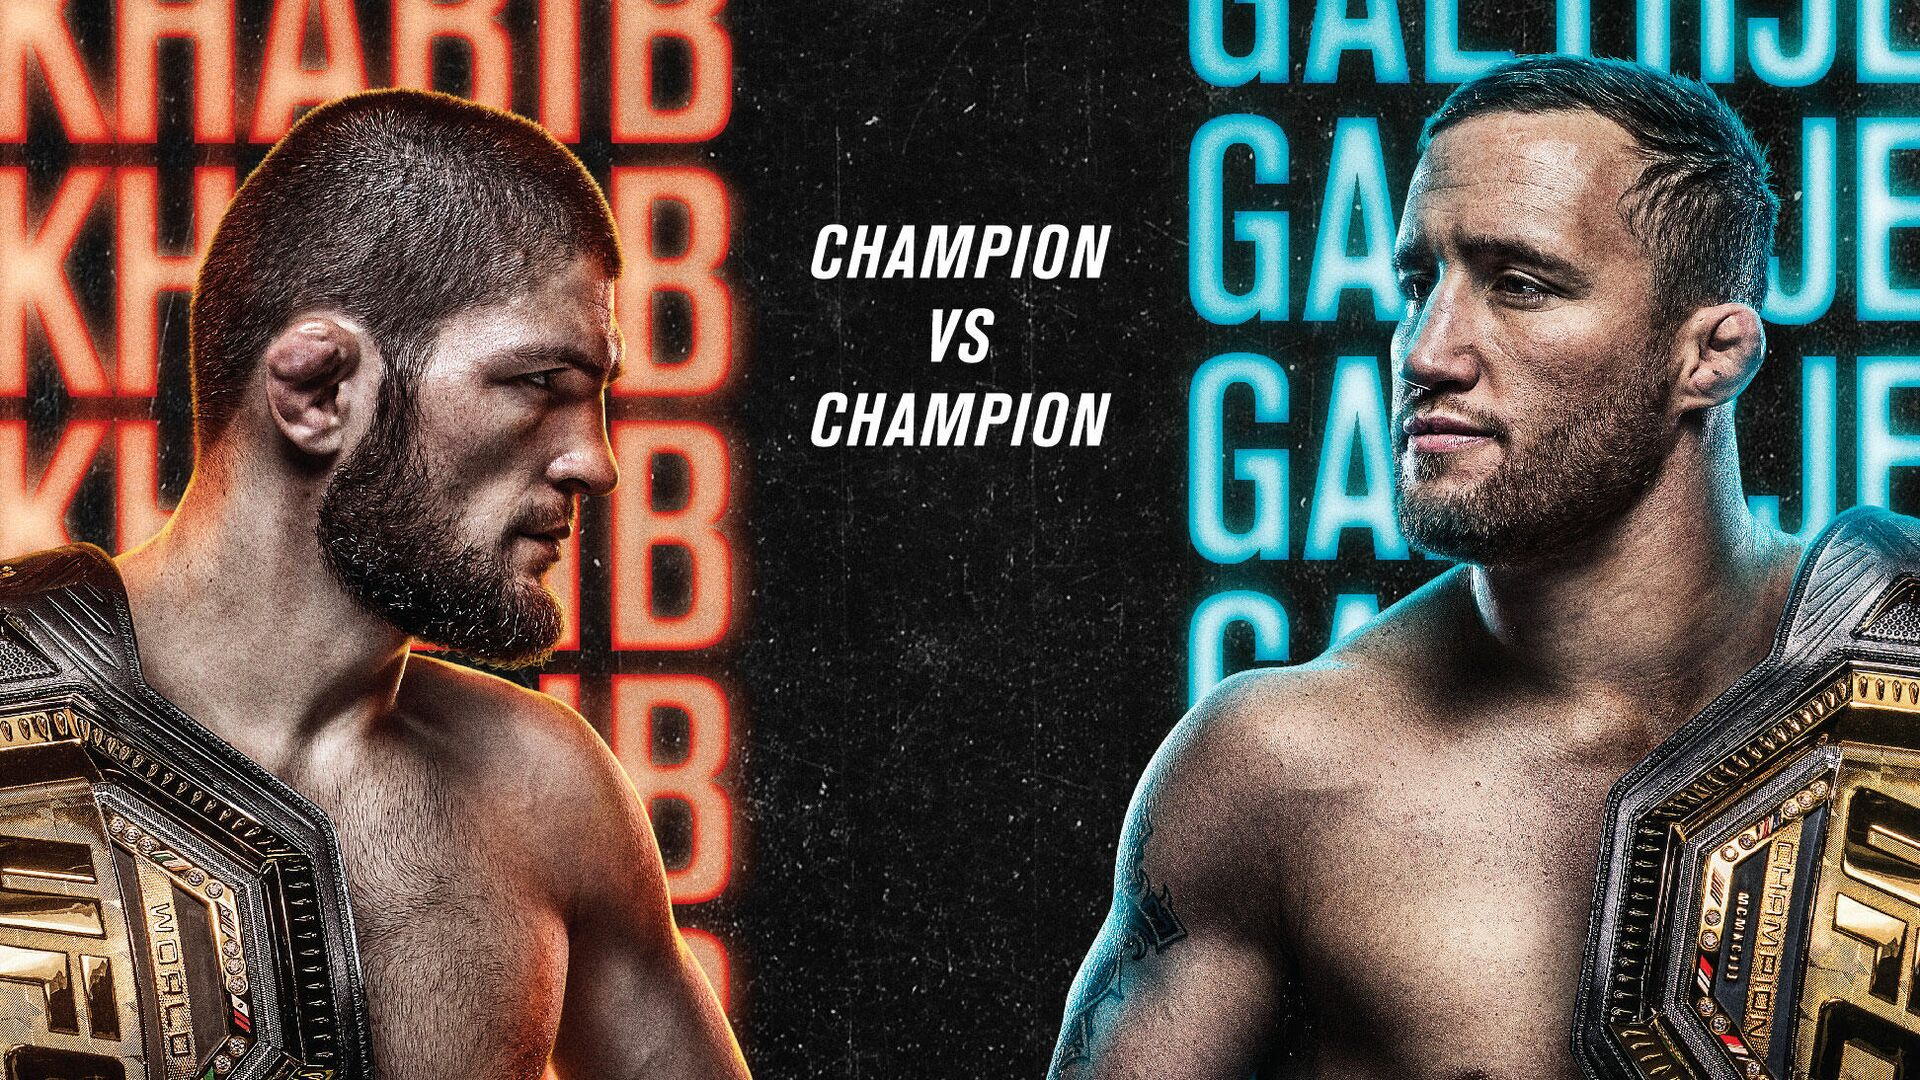 Постер к турниру UFC 254  - РИА Новости, 1920, 19.10.2020